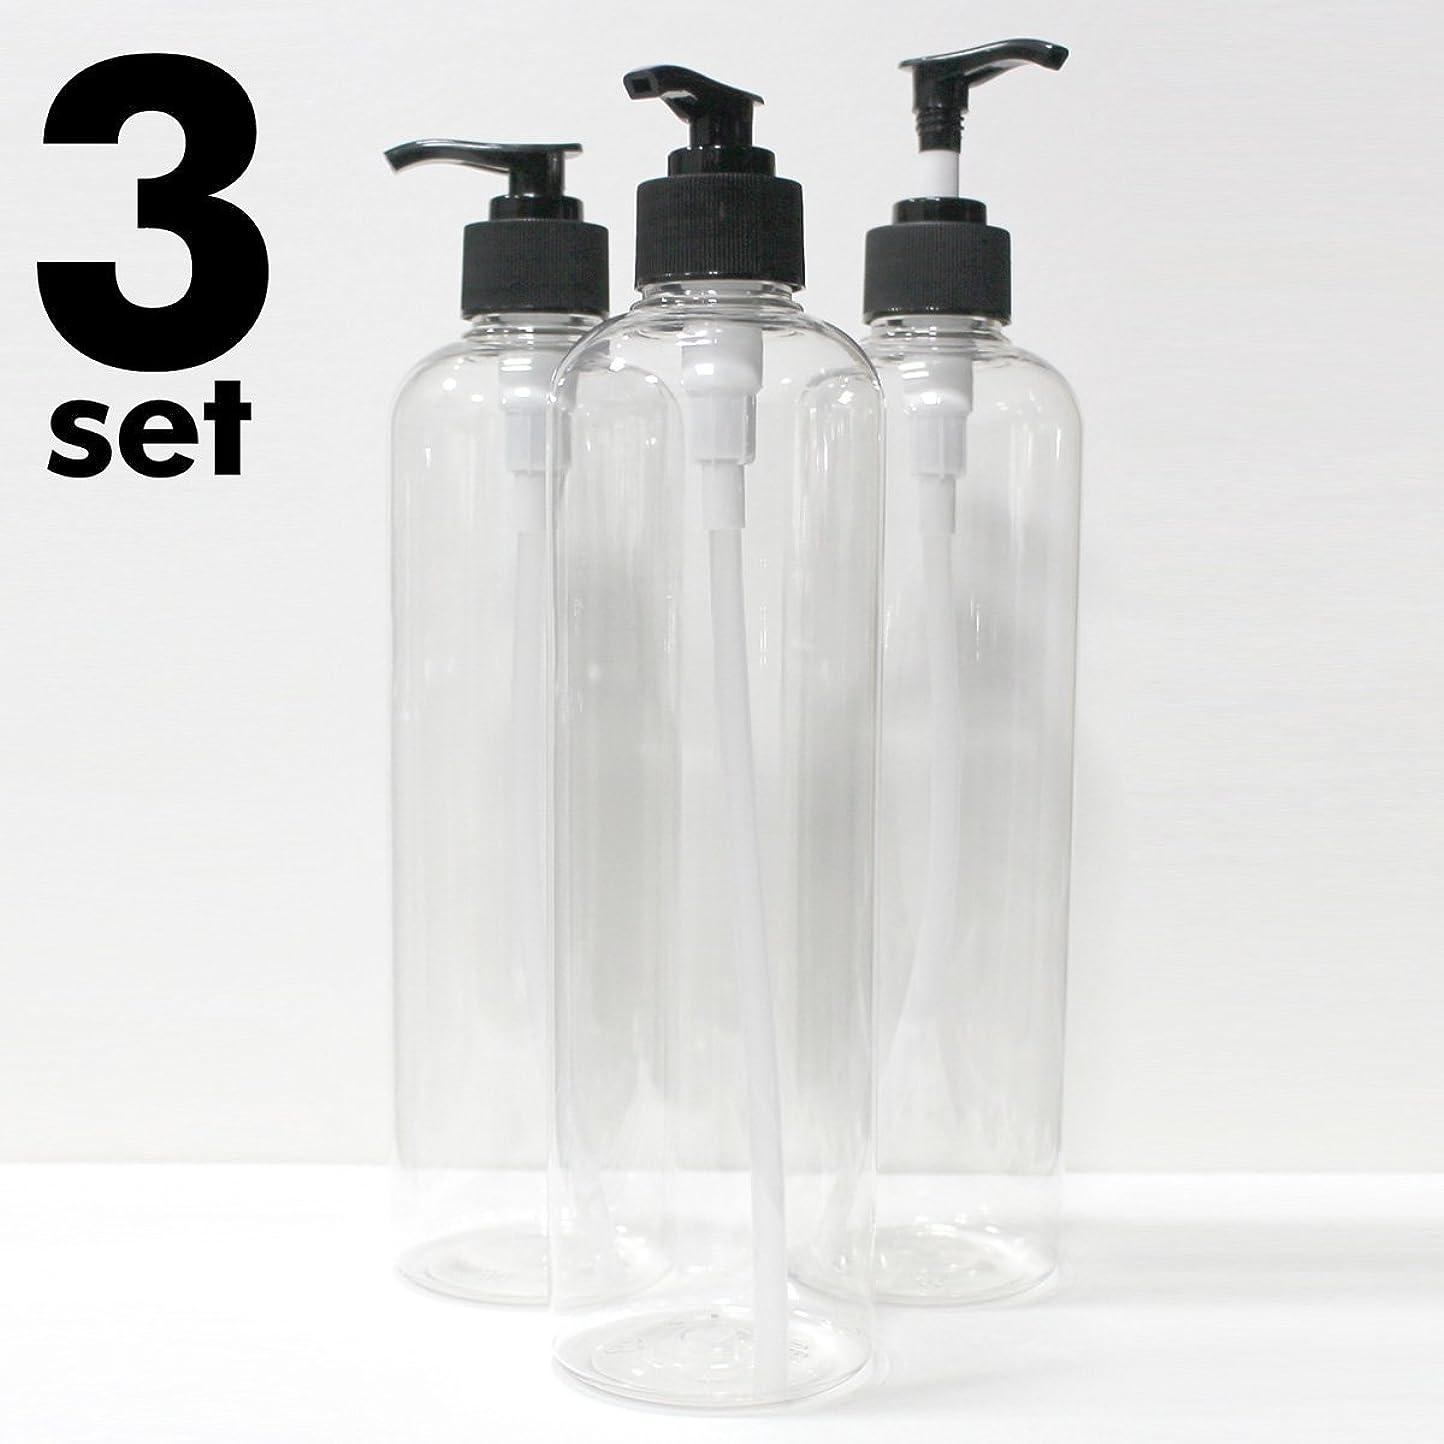 浅い居間反対ポンプボトル 500ml 詰め替え容器 PET透明/プッシュノズル黒  シャンプーなどの詰め替えに 3本セット